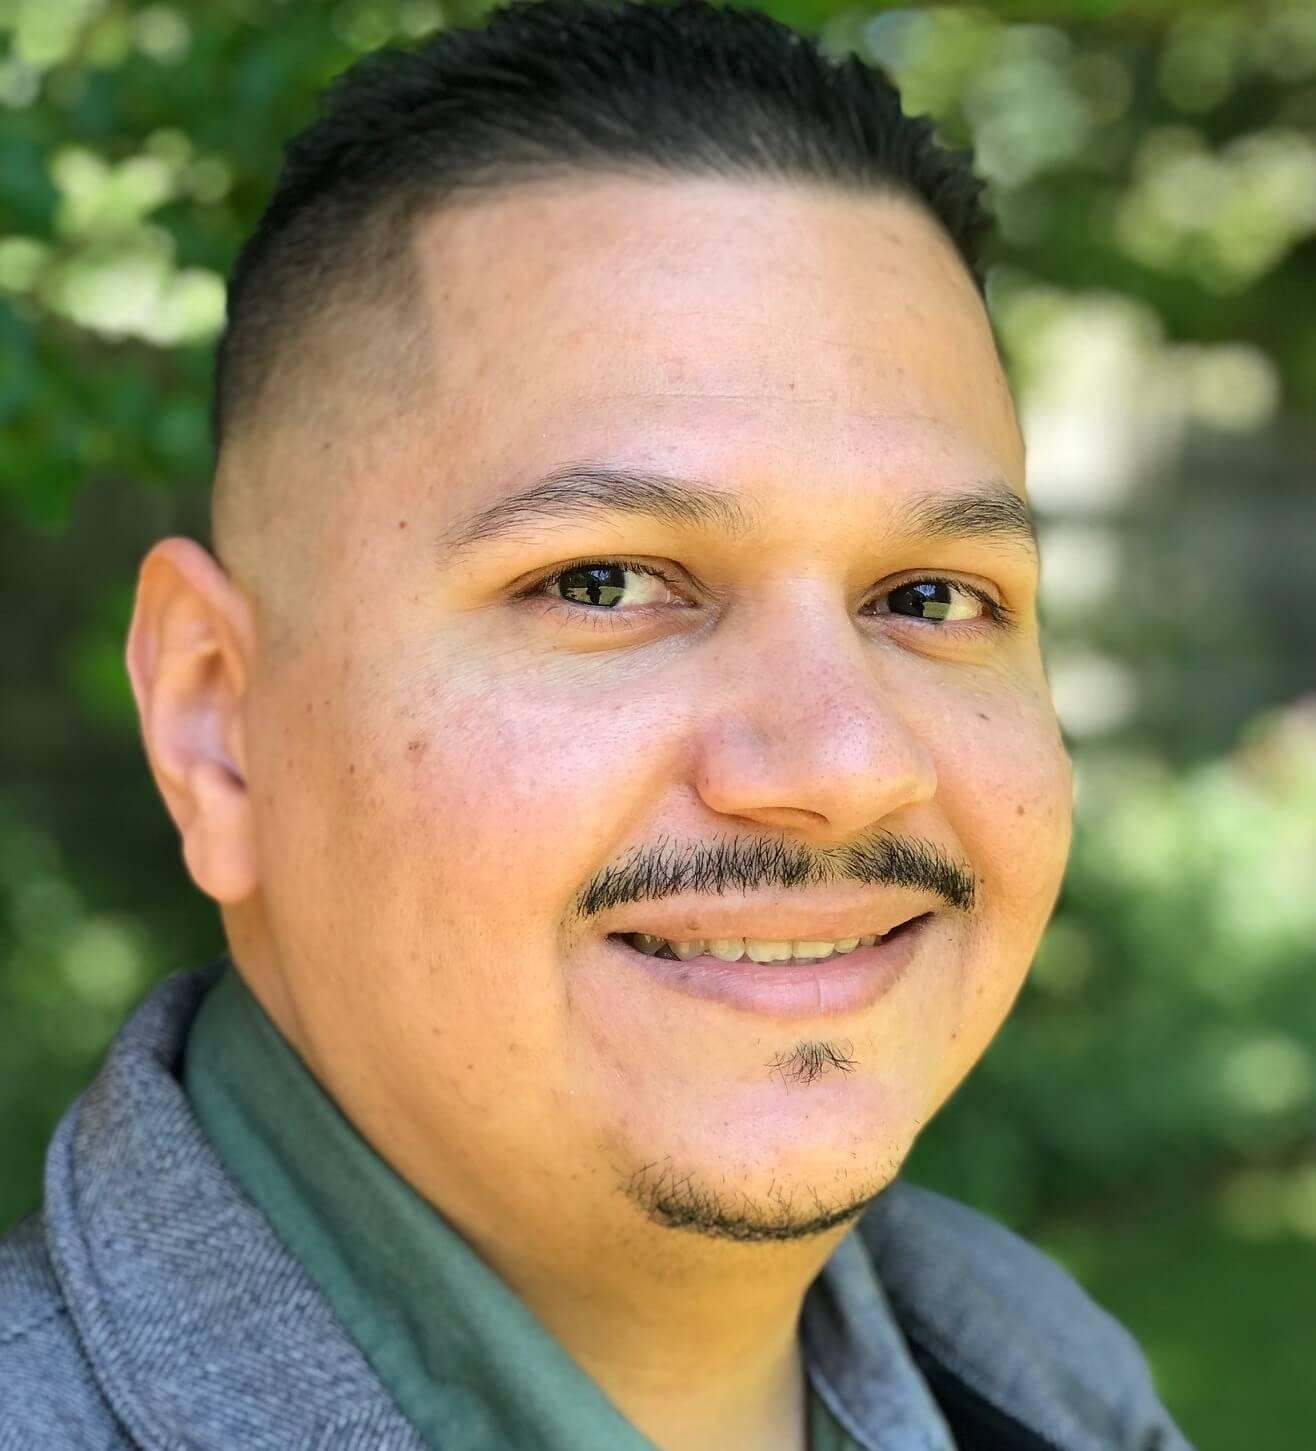 Joel Lopez (Head Shot) (2)